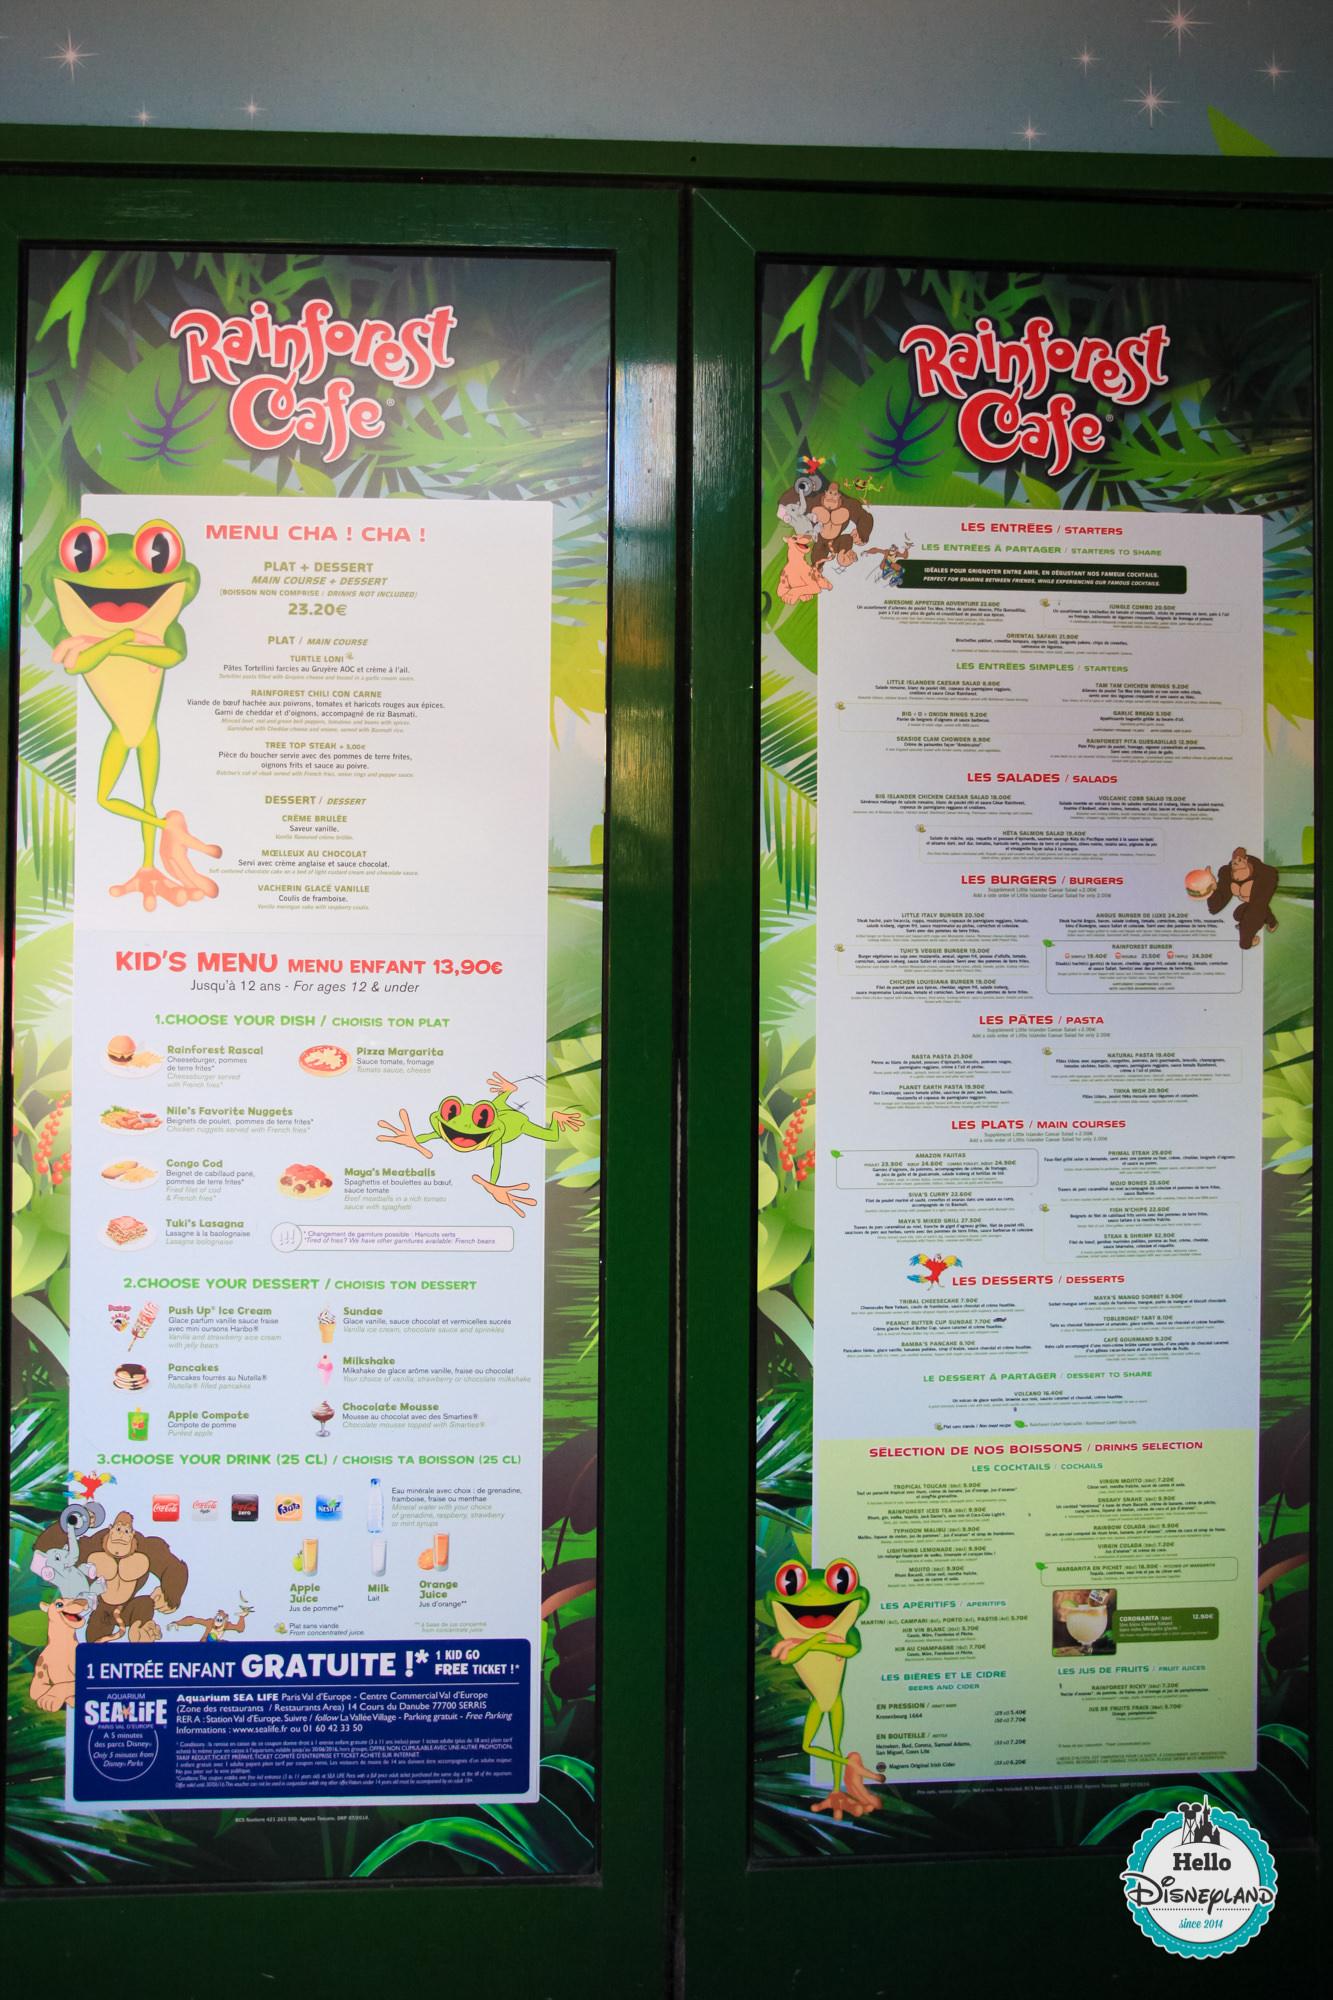 Rainforest Cafe Prlando Menu